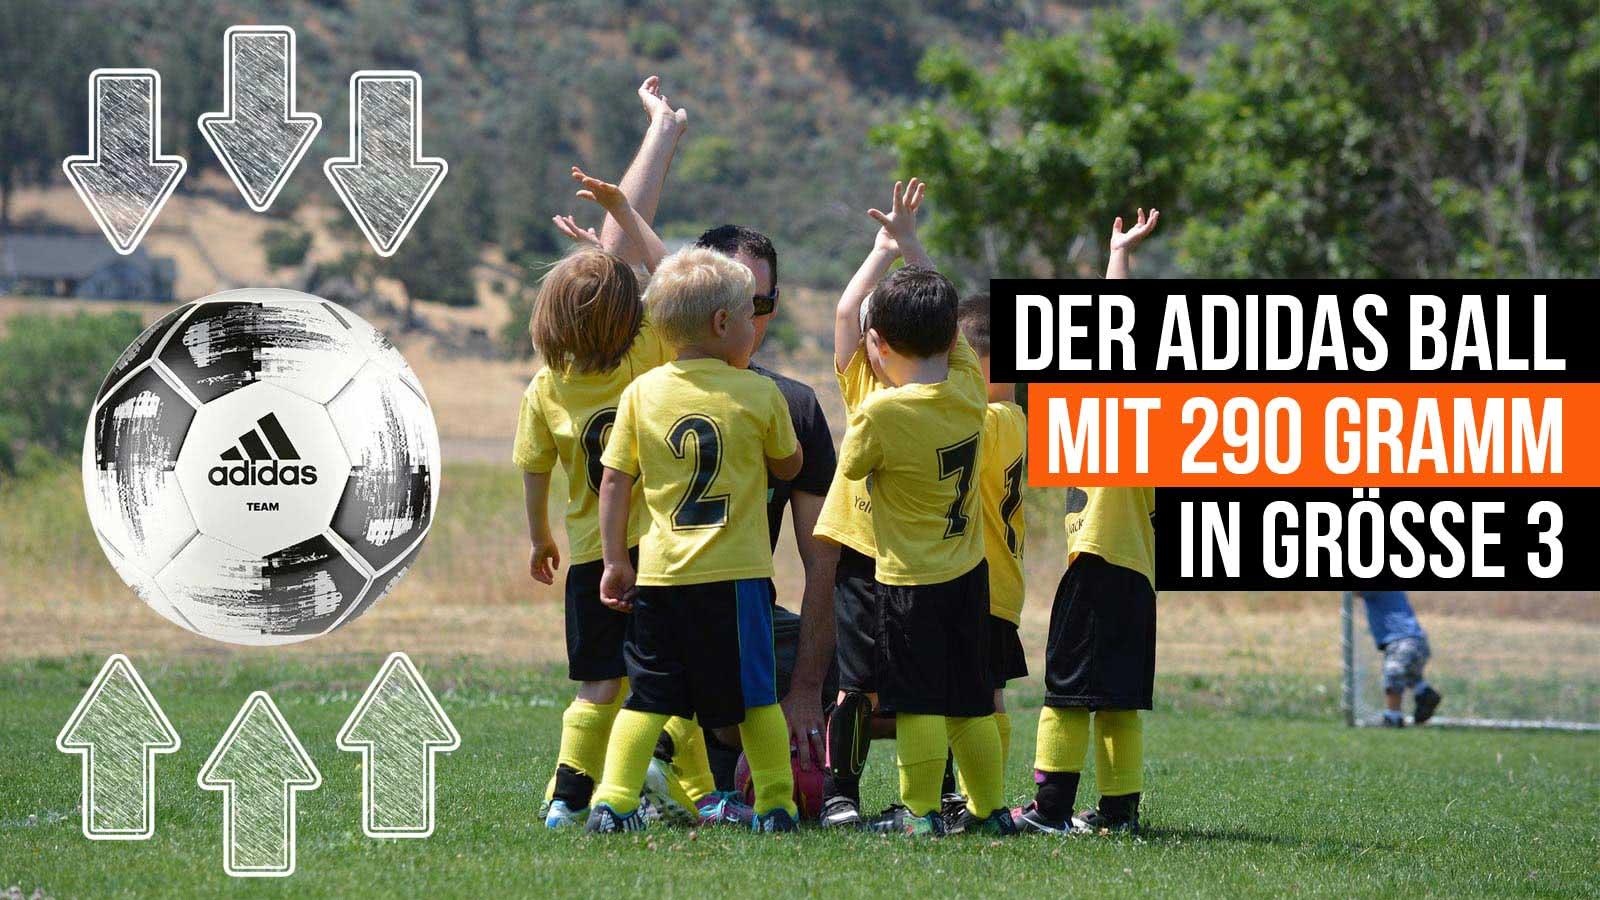 Der adidas Ball 290 Gramm in Größe 3 (Fußball für Kinder)